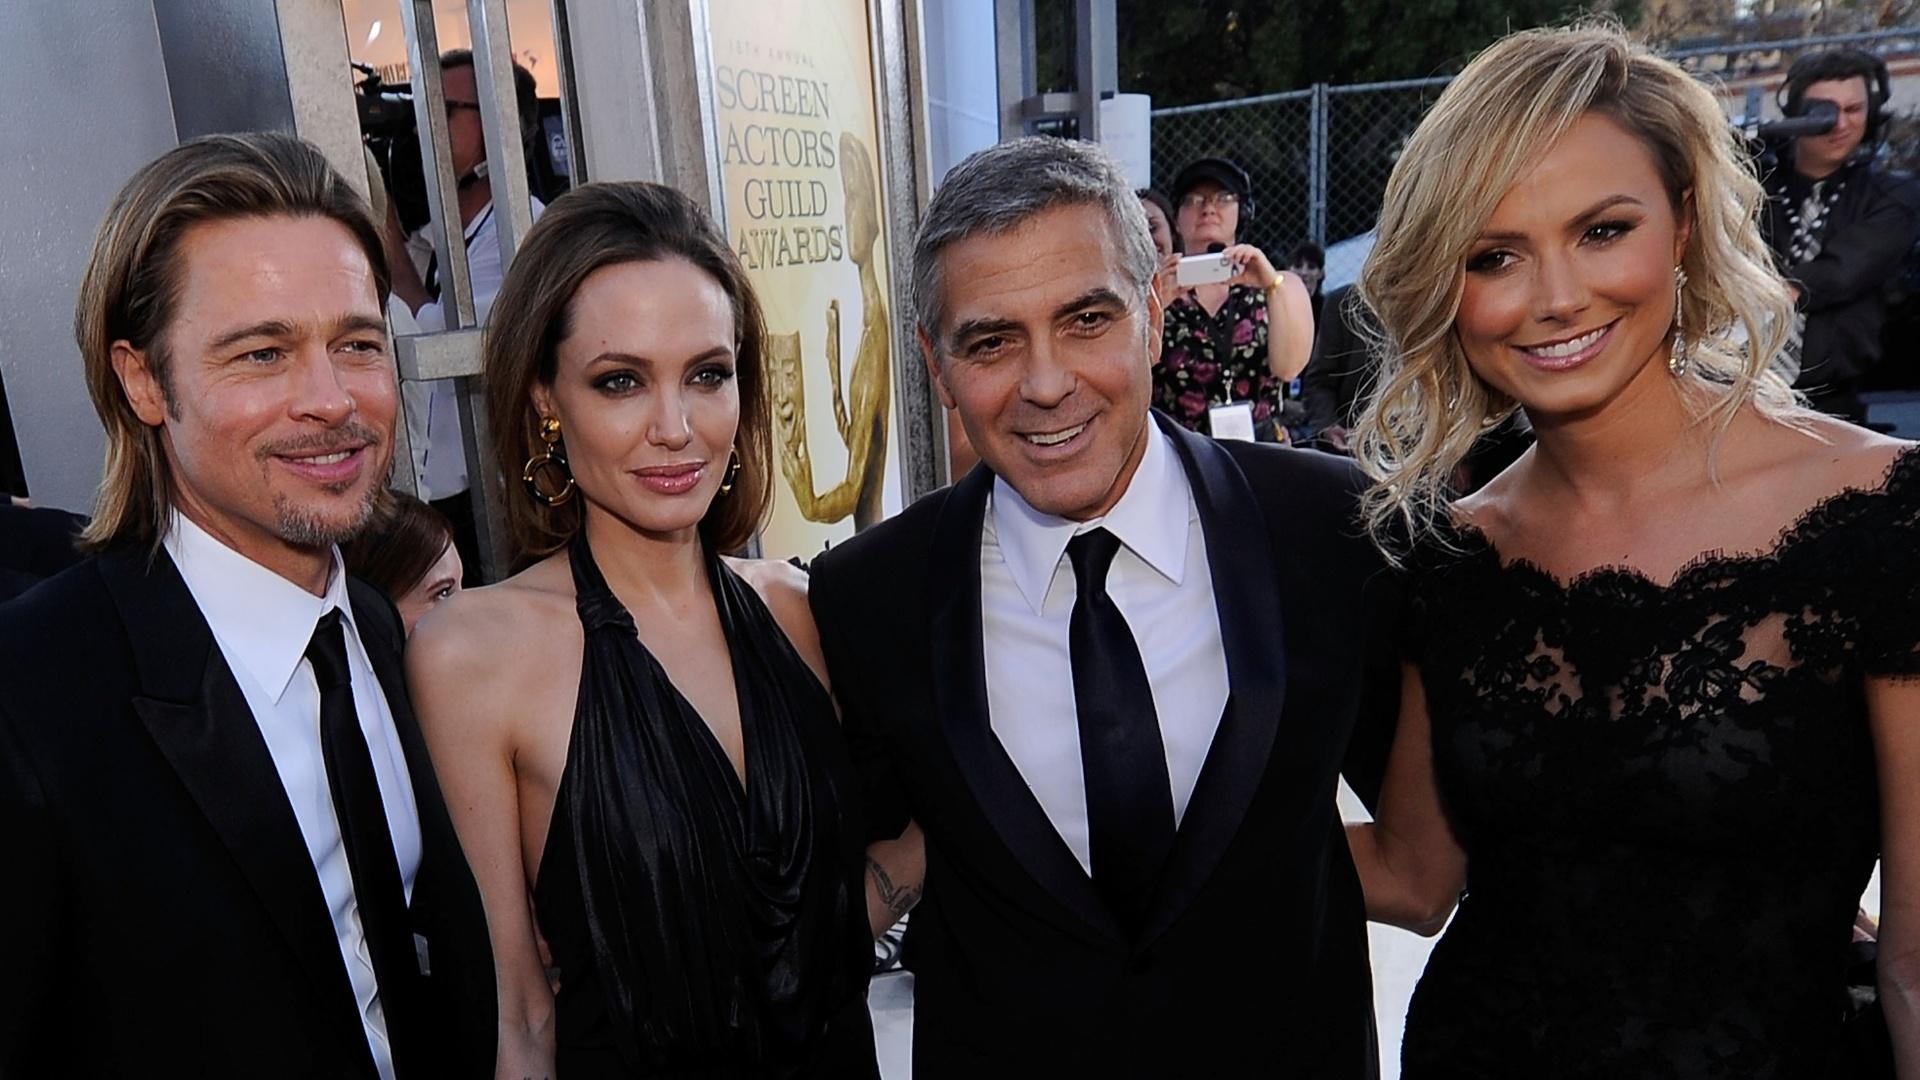 29.jan.2012 - Brad Pitt, Angelina Jolie, George Clooney e Stacy Keibler no tapete vermelho do 18º Screen Actors Guild Awards, em Los Angeles